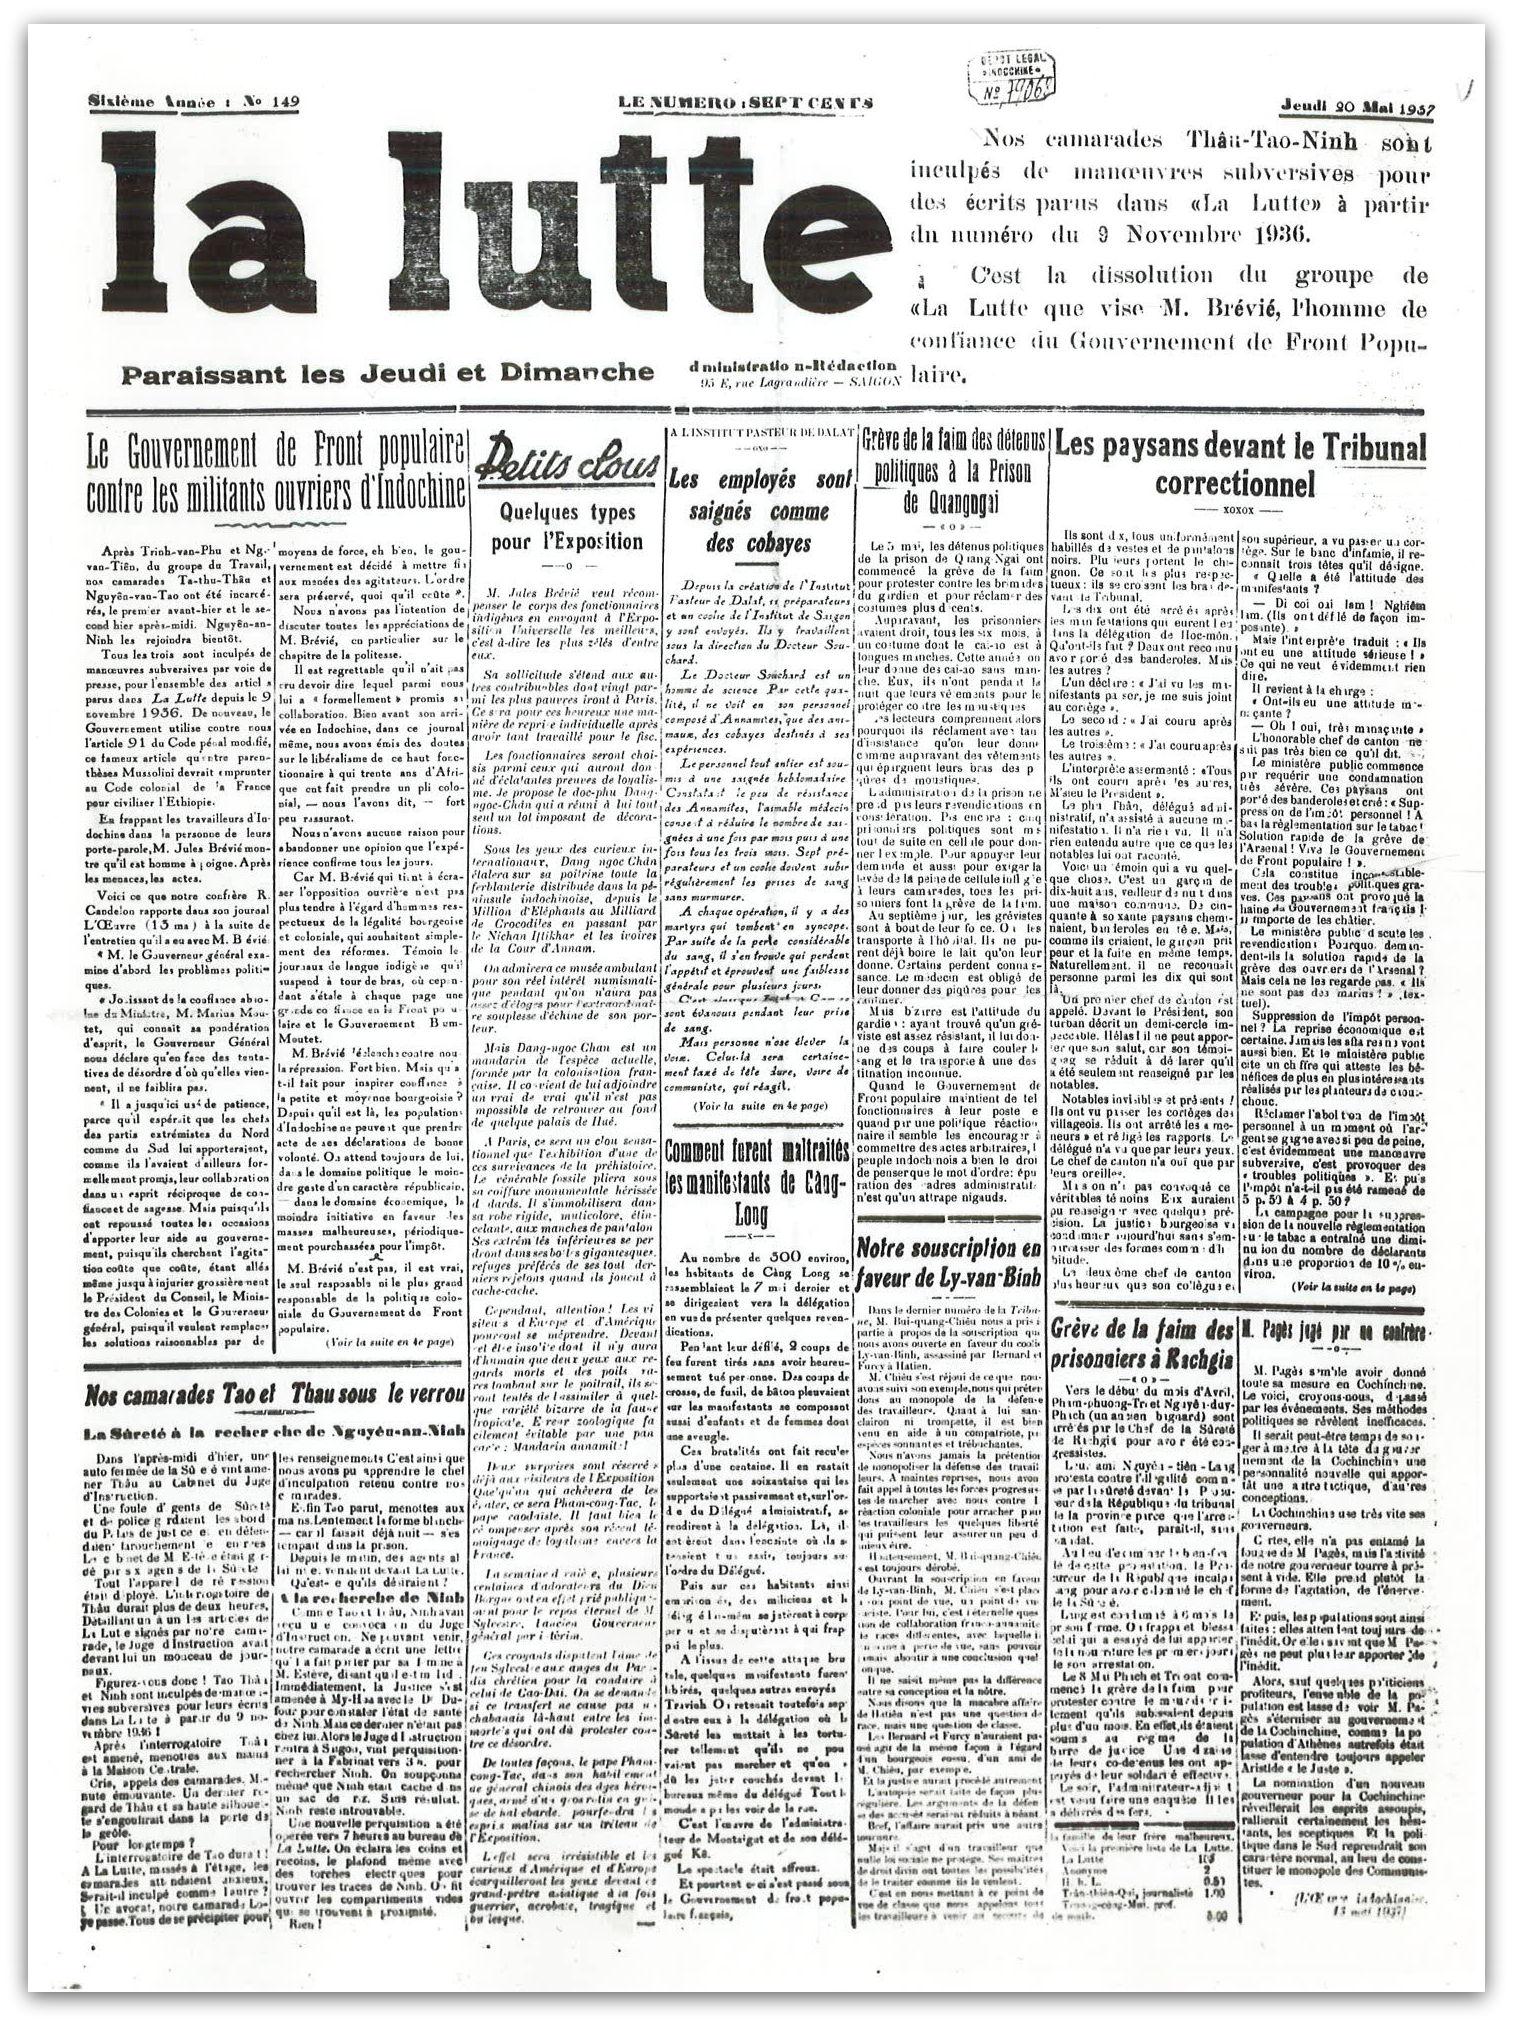 LaLutte Jeudi20 05 1937